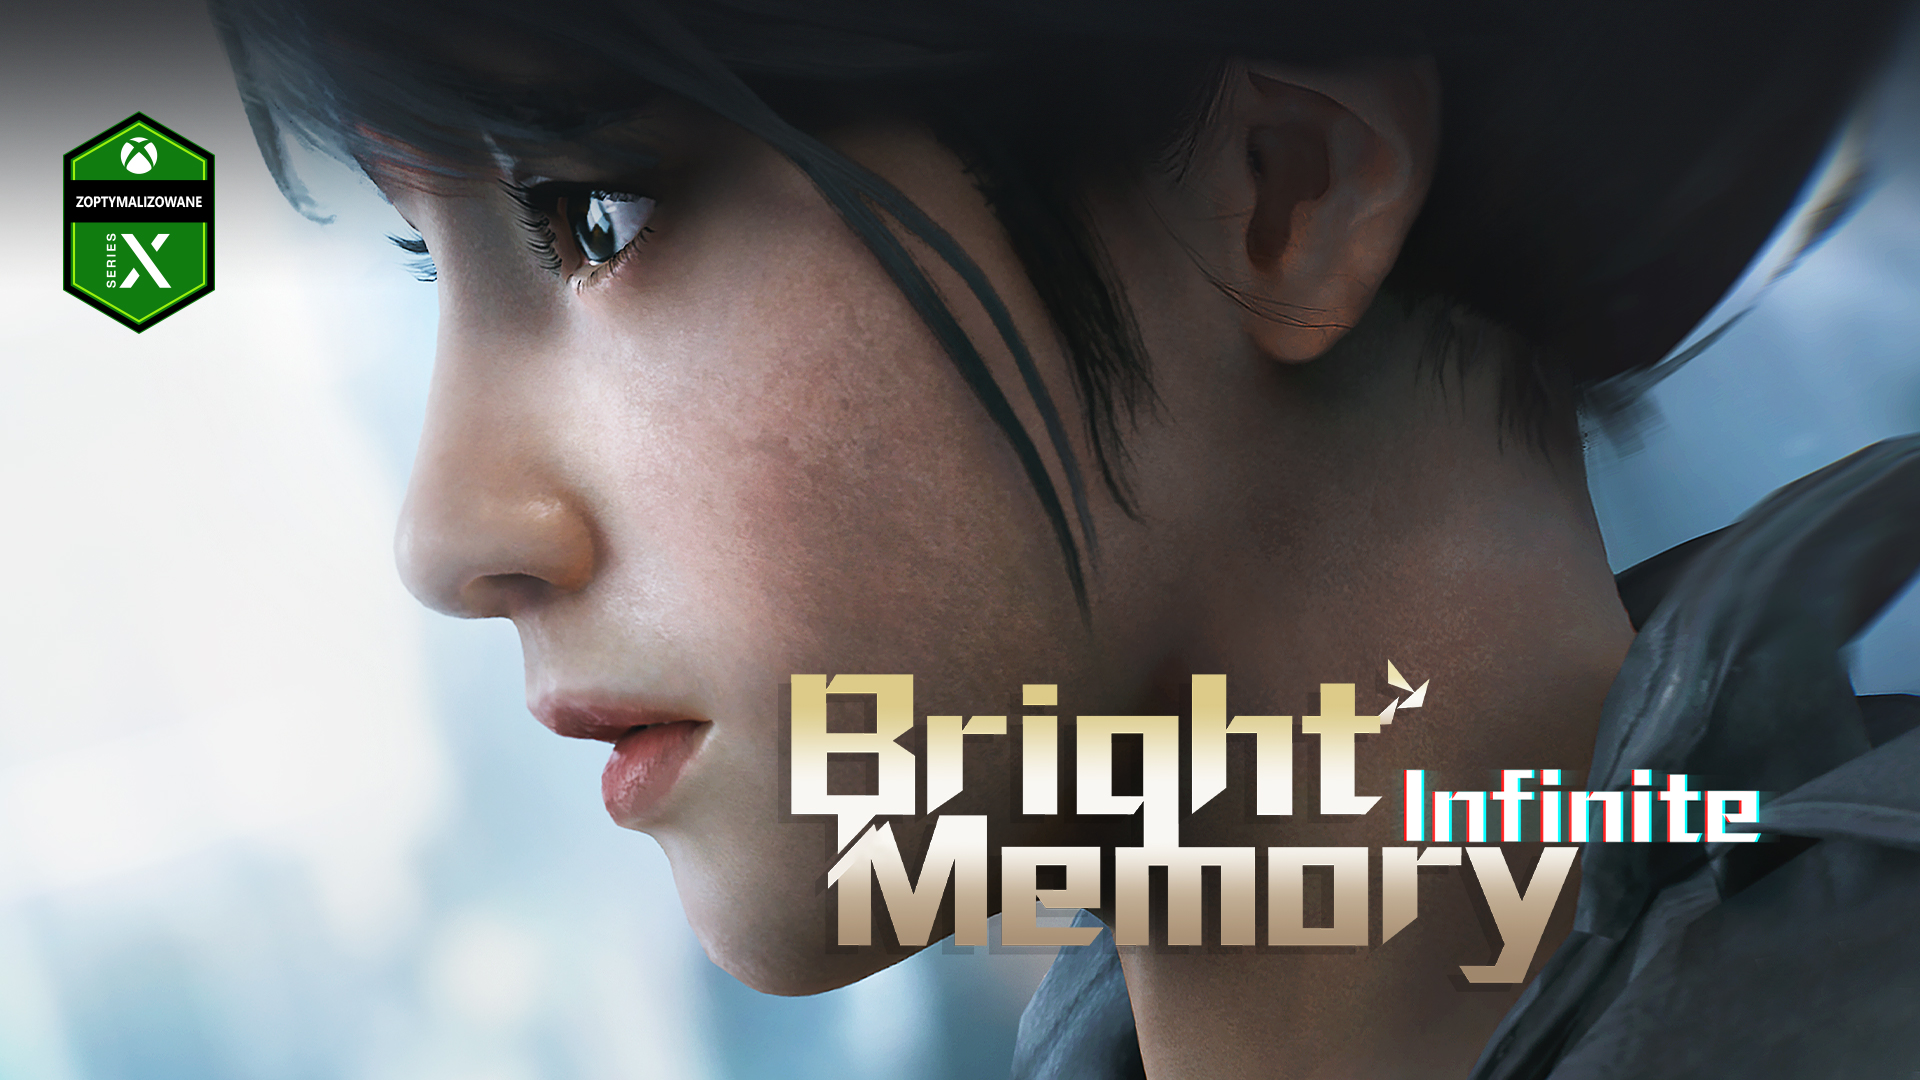 Bright Memory Infinite, Zoptymalizowane dla Series X, młoda kobieta patrzy w dal.